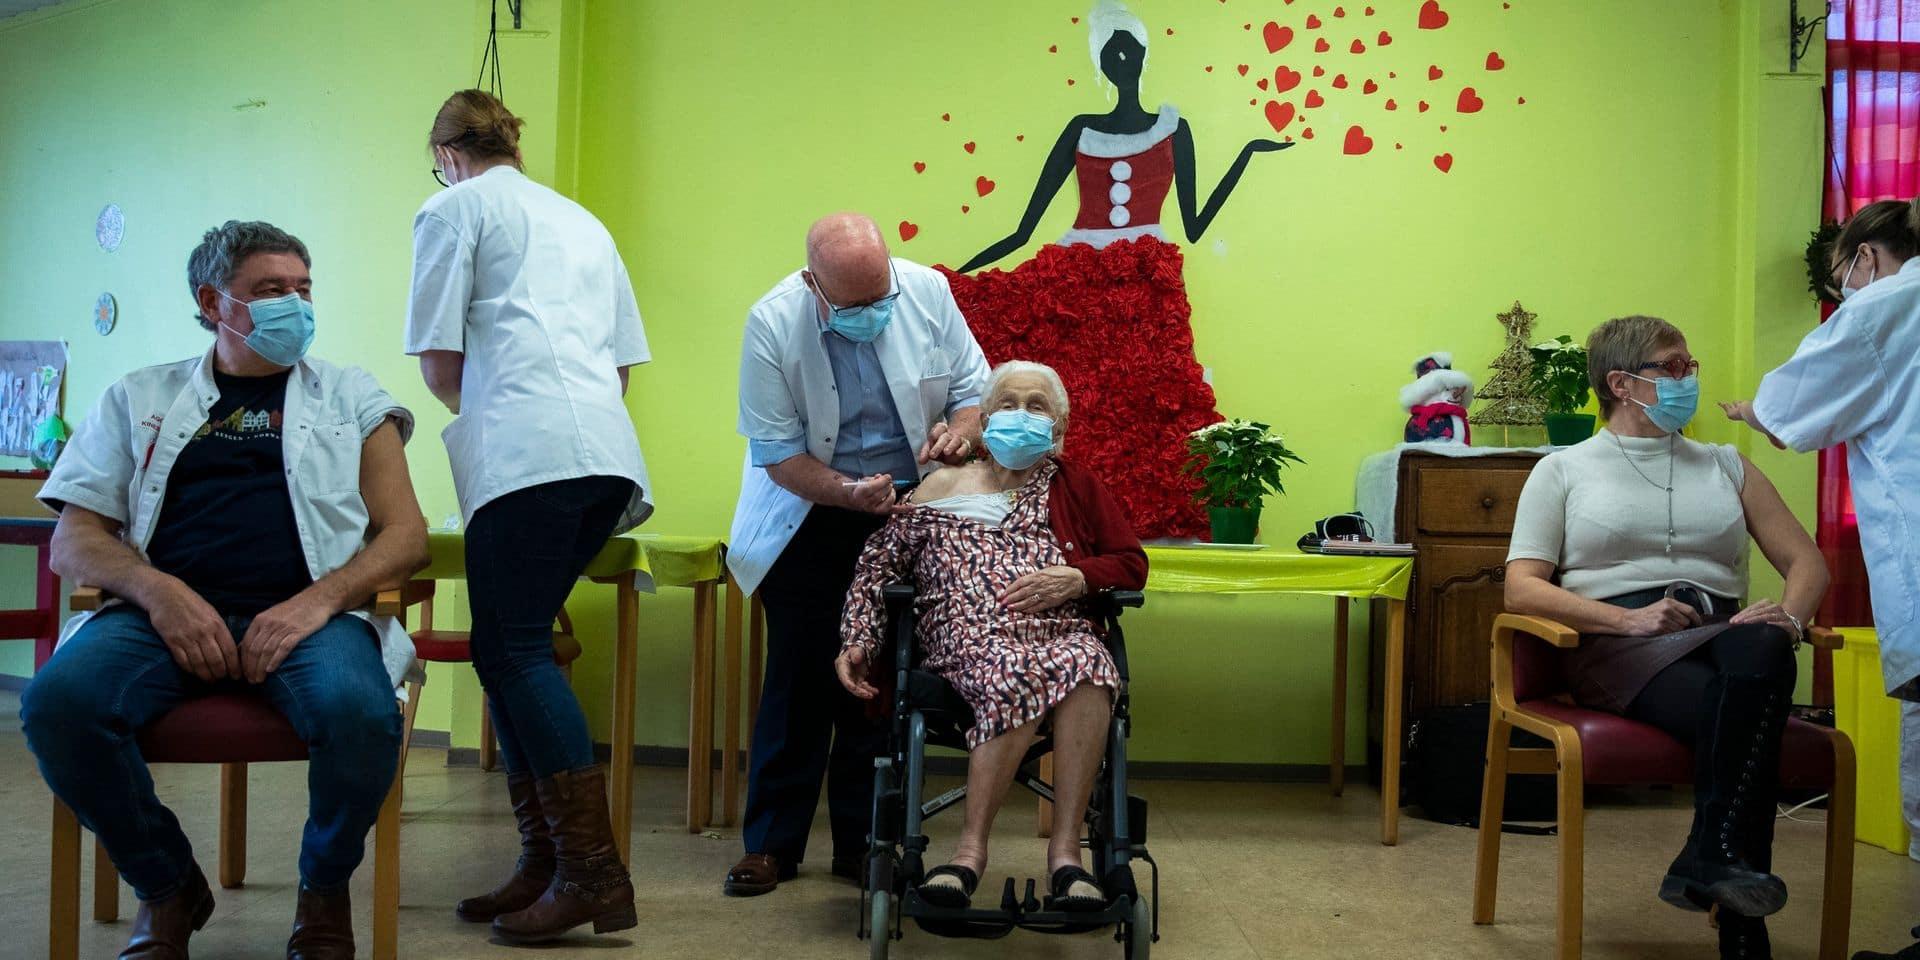 Mons: Troisième dose en vue dans les maisons de repos du CHUPMB